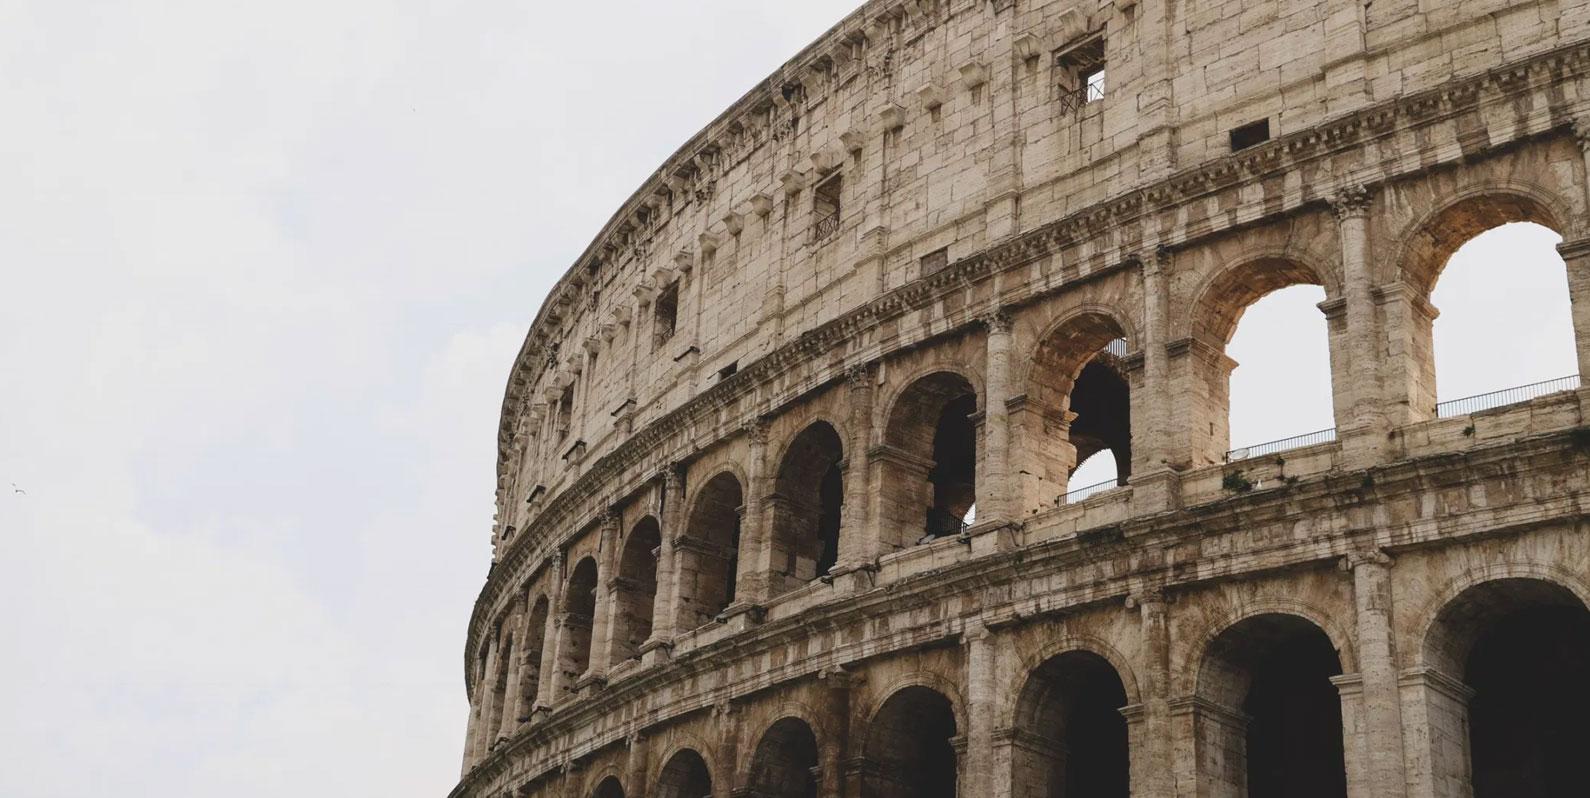 Anfiteatros romanos atuam como capas de invisibilidade sísmica